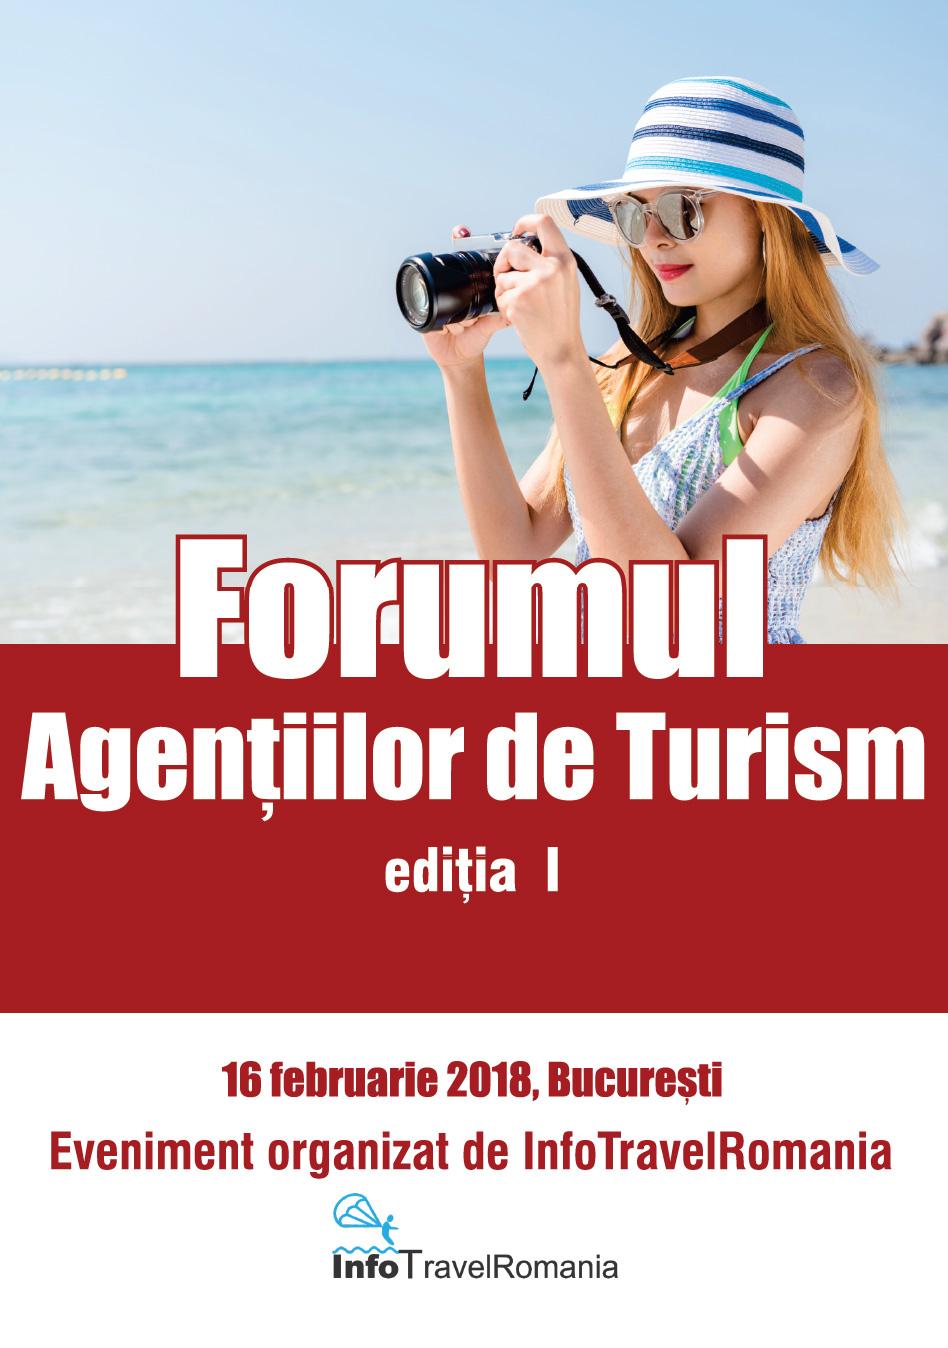 Forumul Agentiilor de Turism 2018